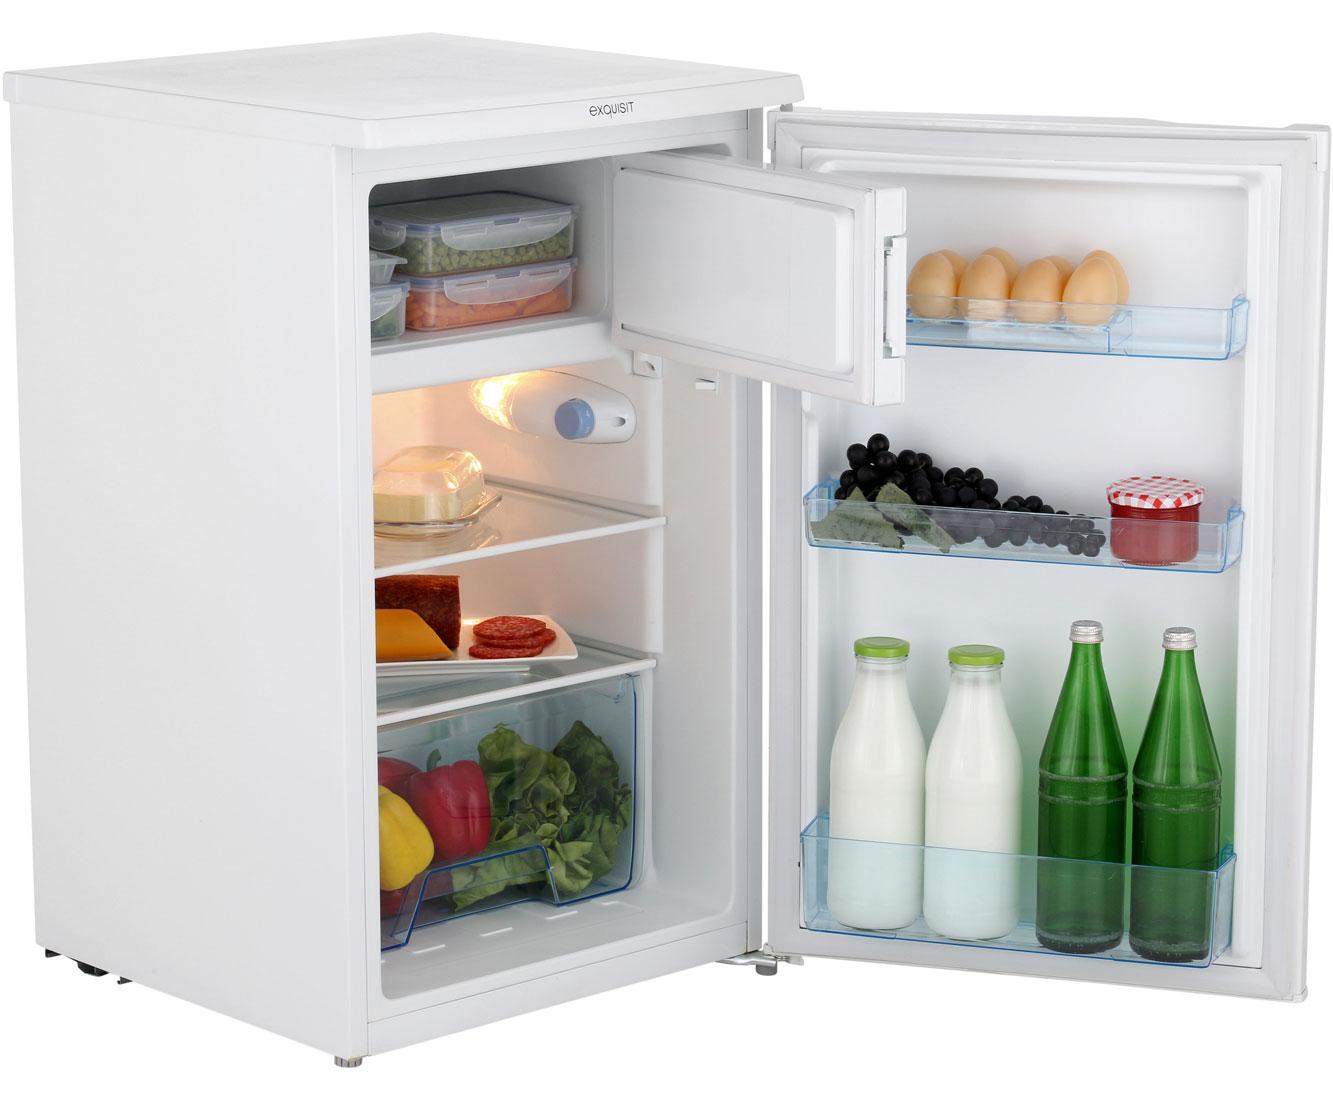 Smeg Kühlschrank Rafaello : Kleiner kühlschrank günstig flex well exclusiv küchenzeile eico